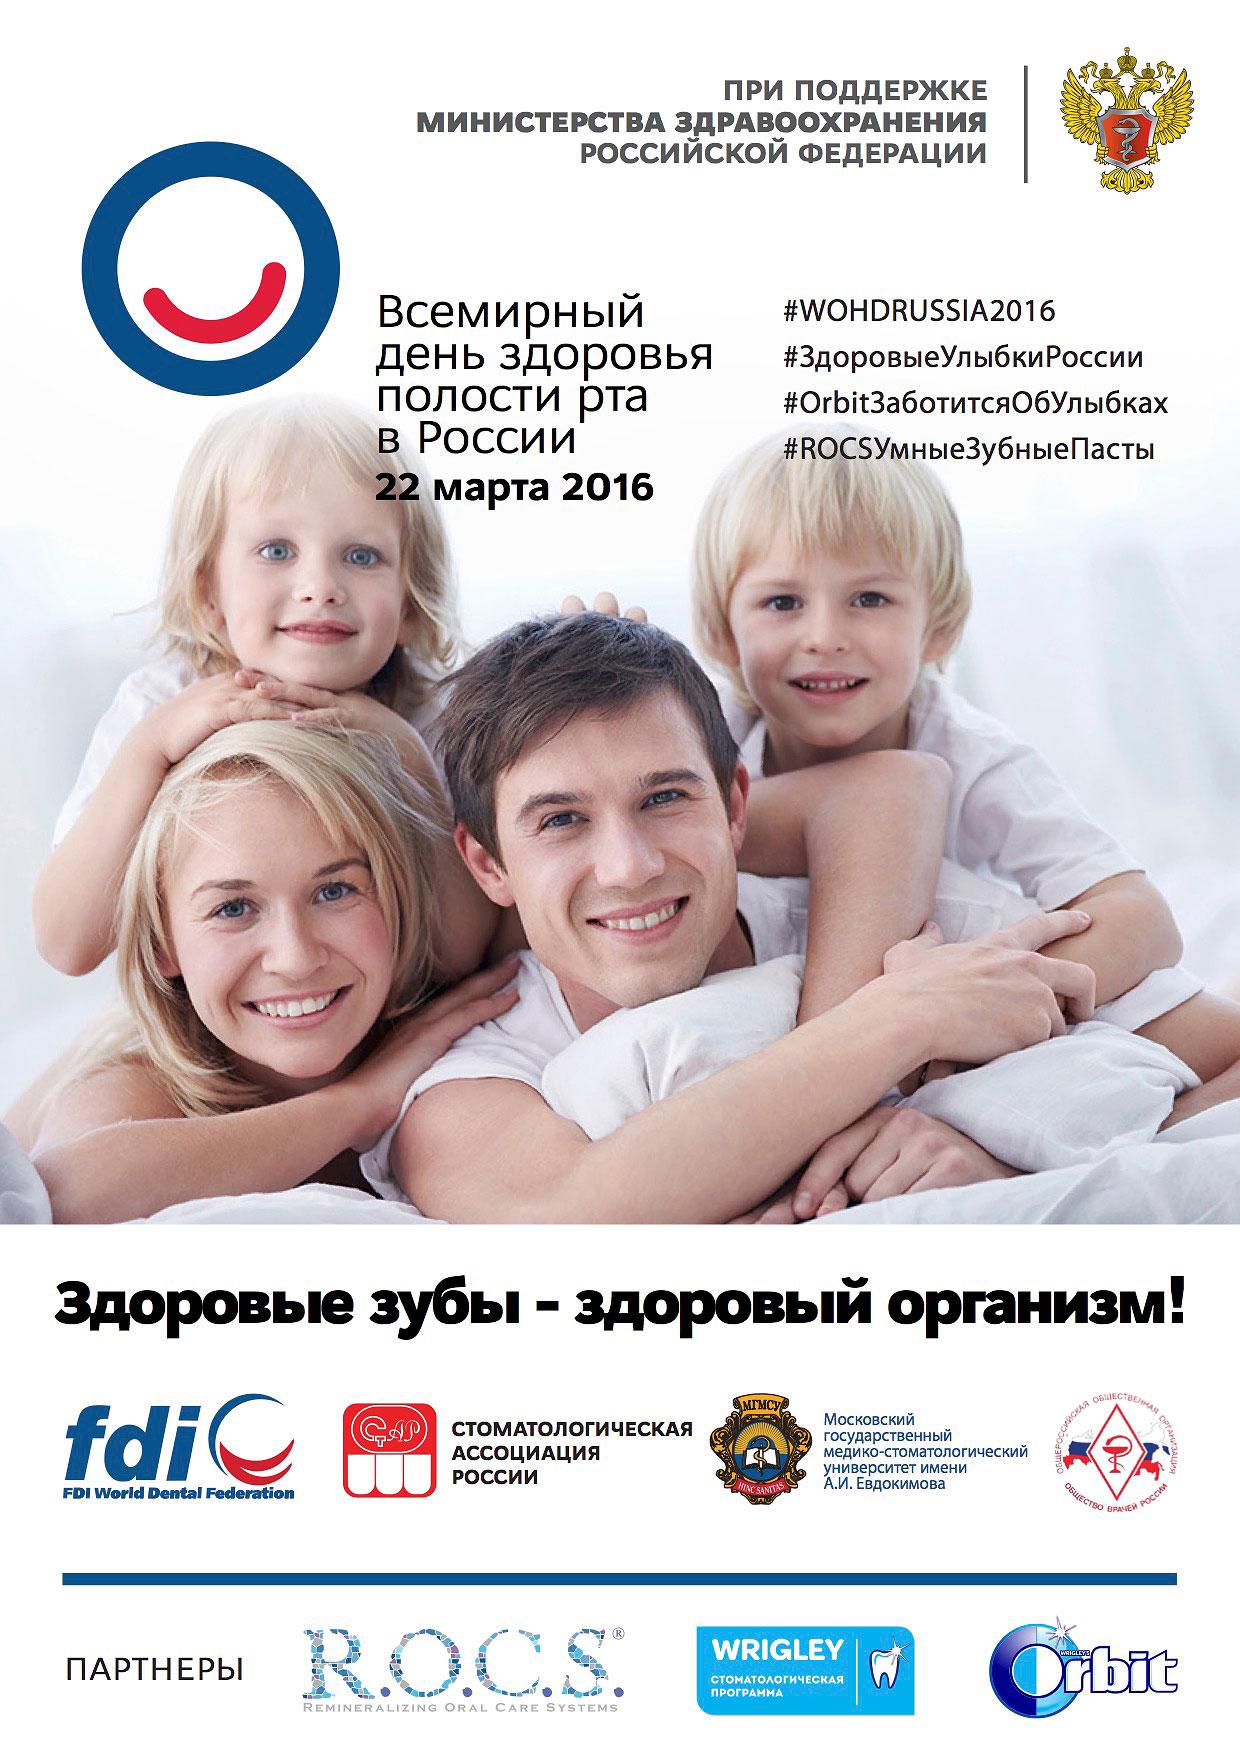 тема всемирного дня здоровья в 2016 году